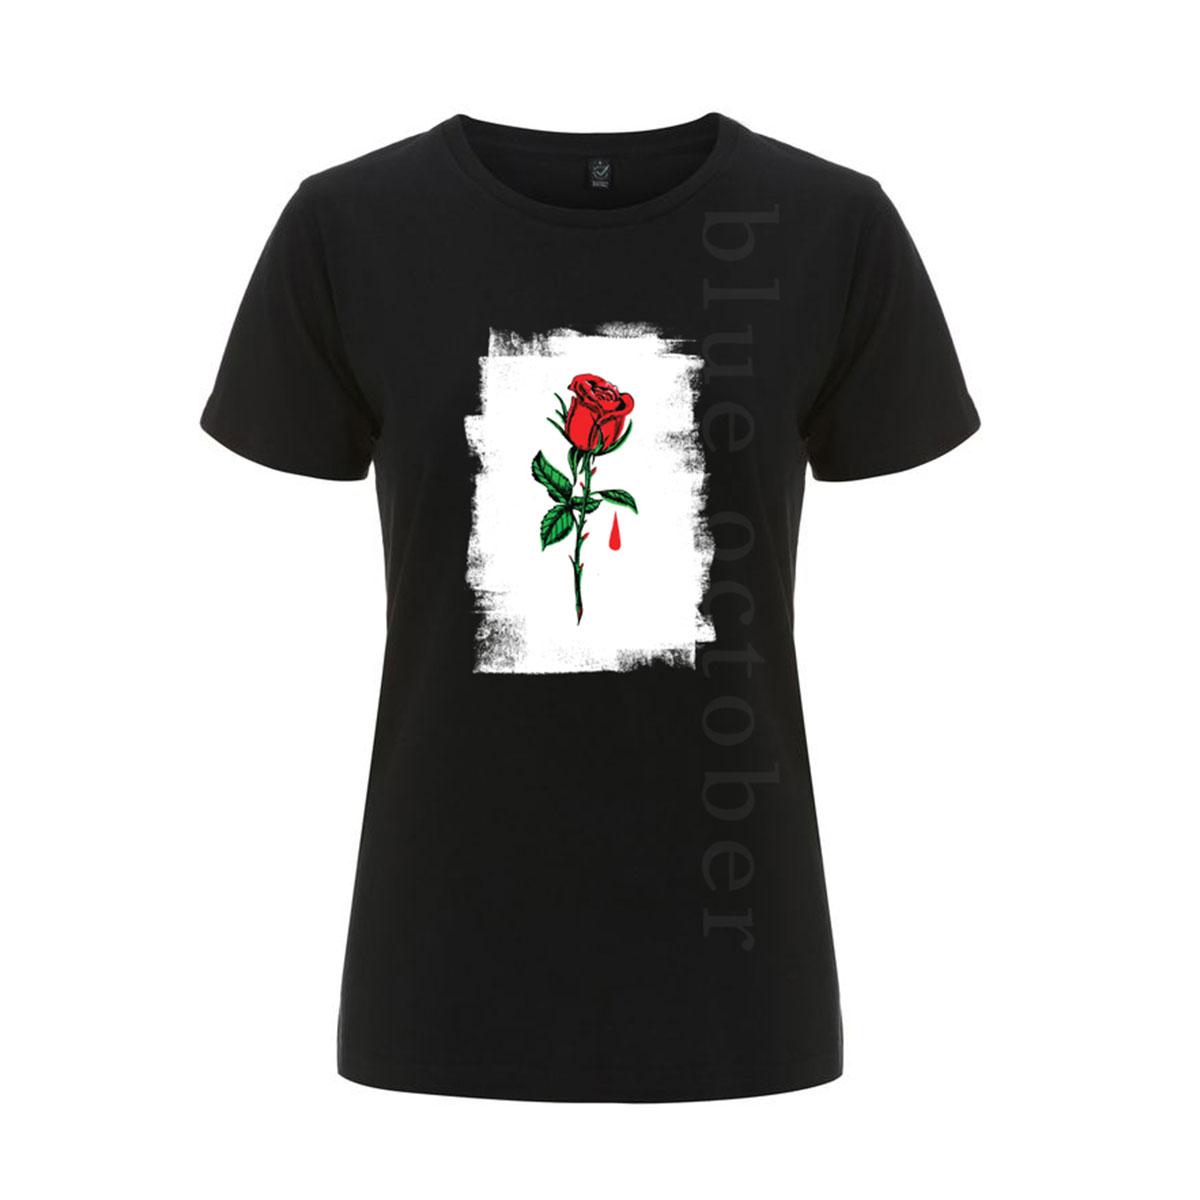 Rose Drip – Ladies Tee - Blue October